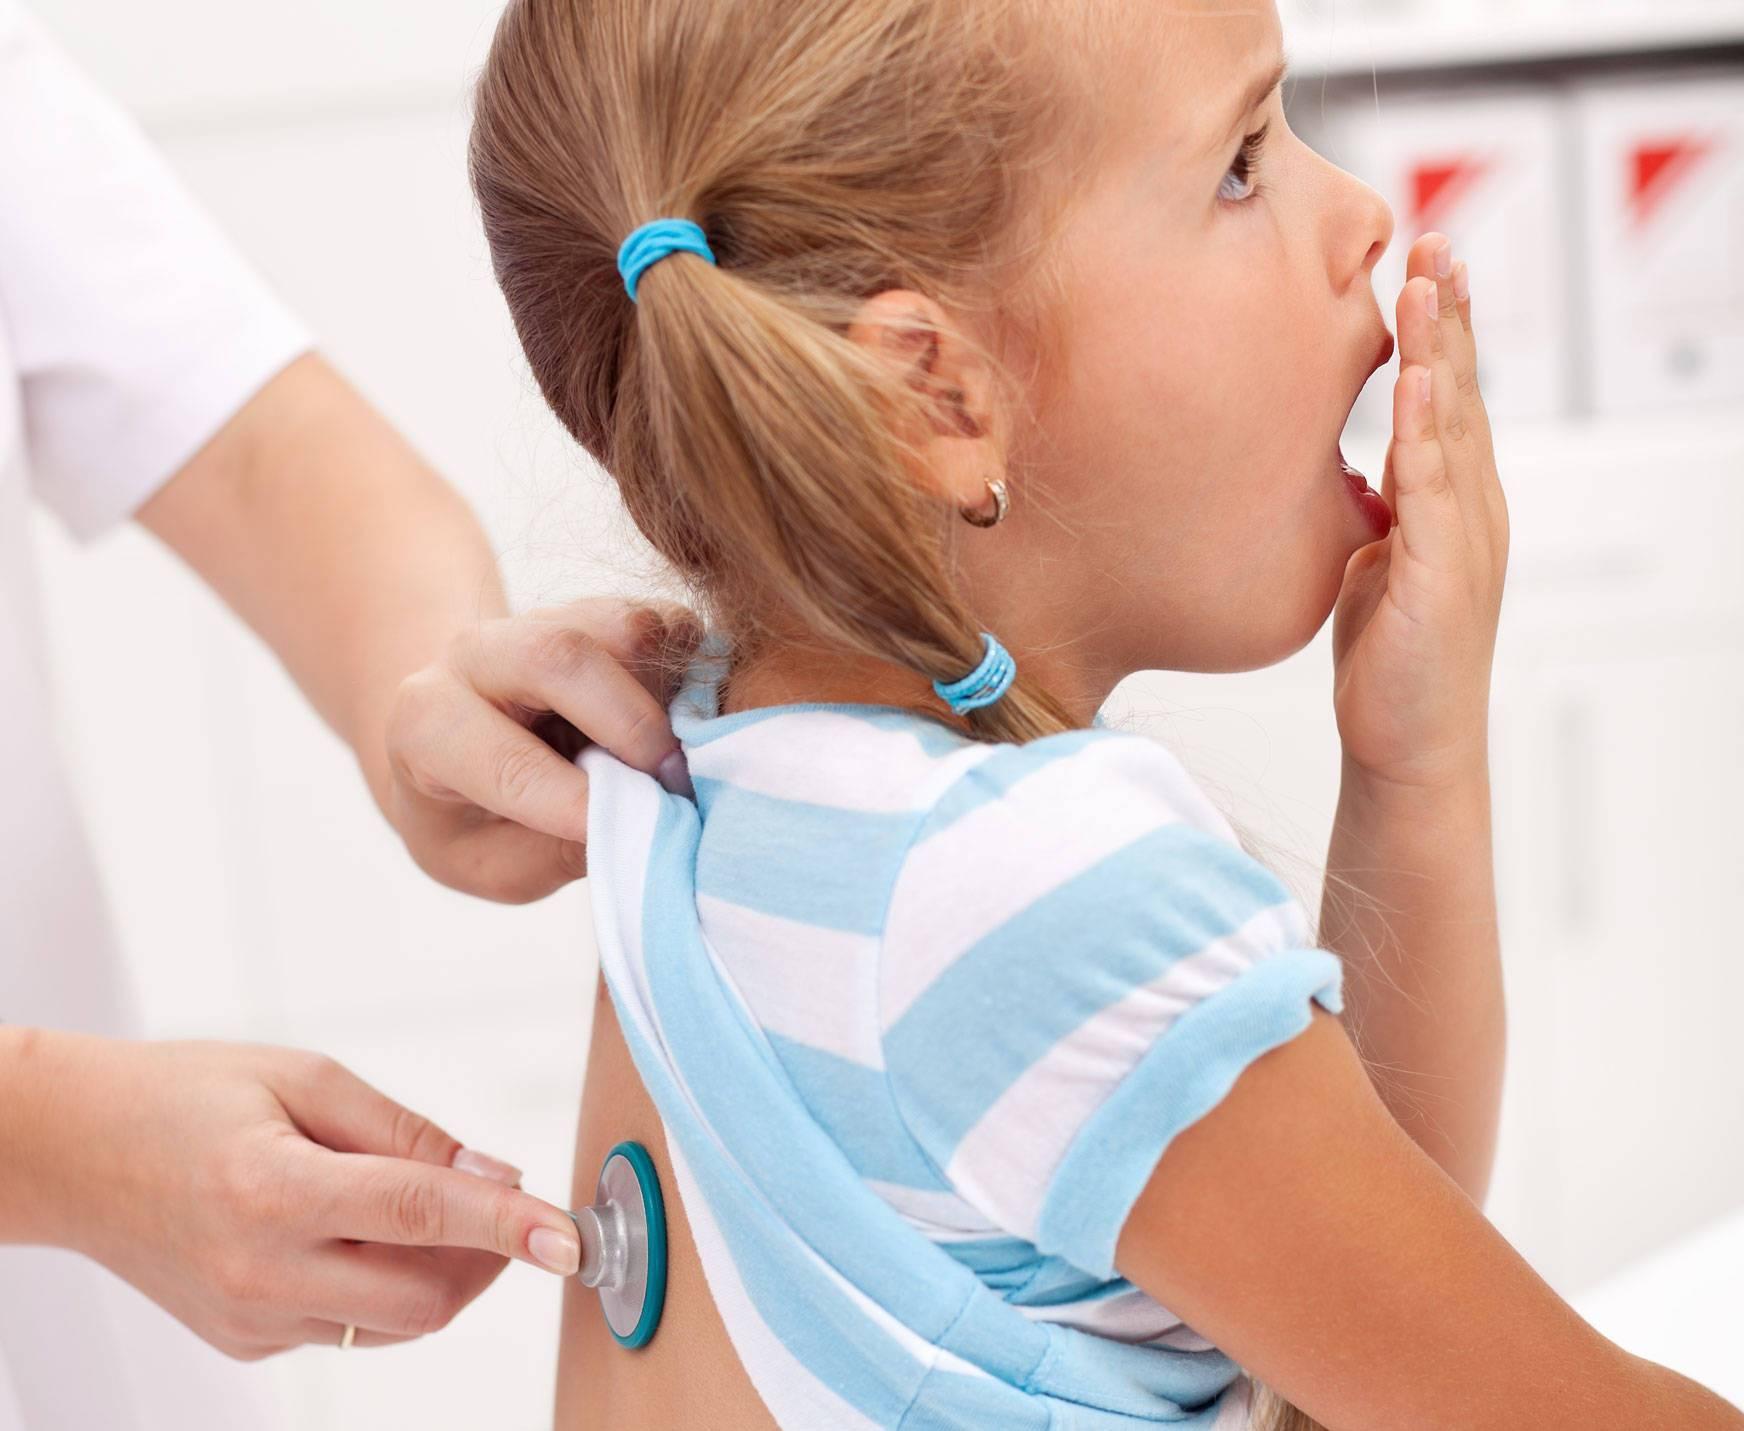 кашель у ребенка 6 лет без температуры